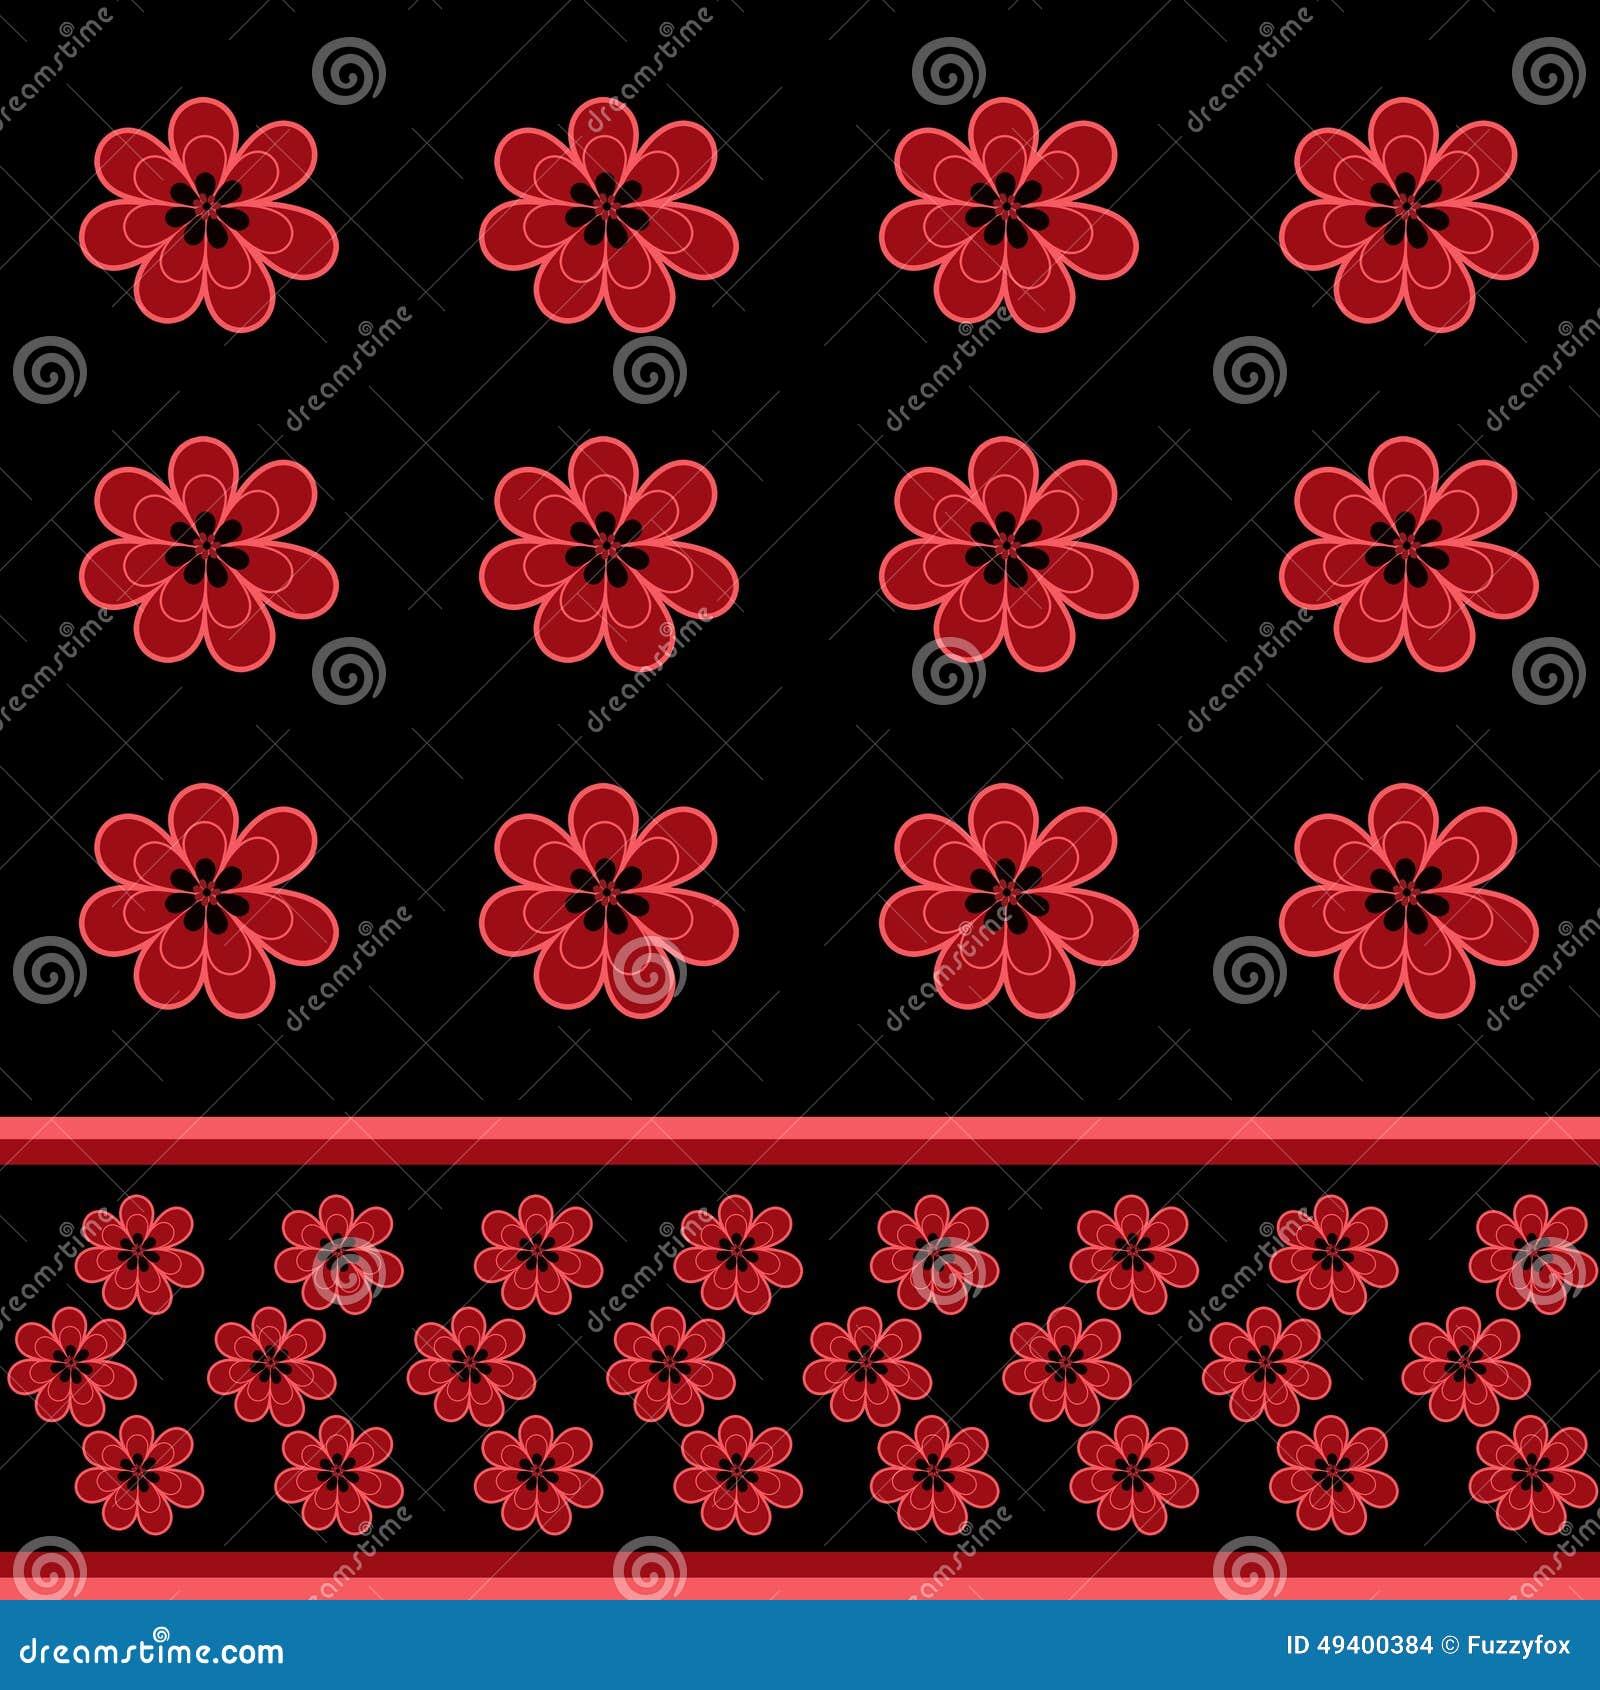 Download Nahtloses Blumenmuster Mit Rot Blüht Hintergrund Stock Abbildung - Illustration von fashion, hintergrund: 49400384